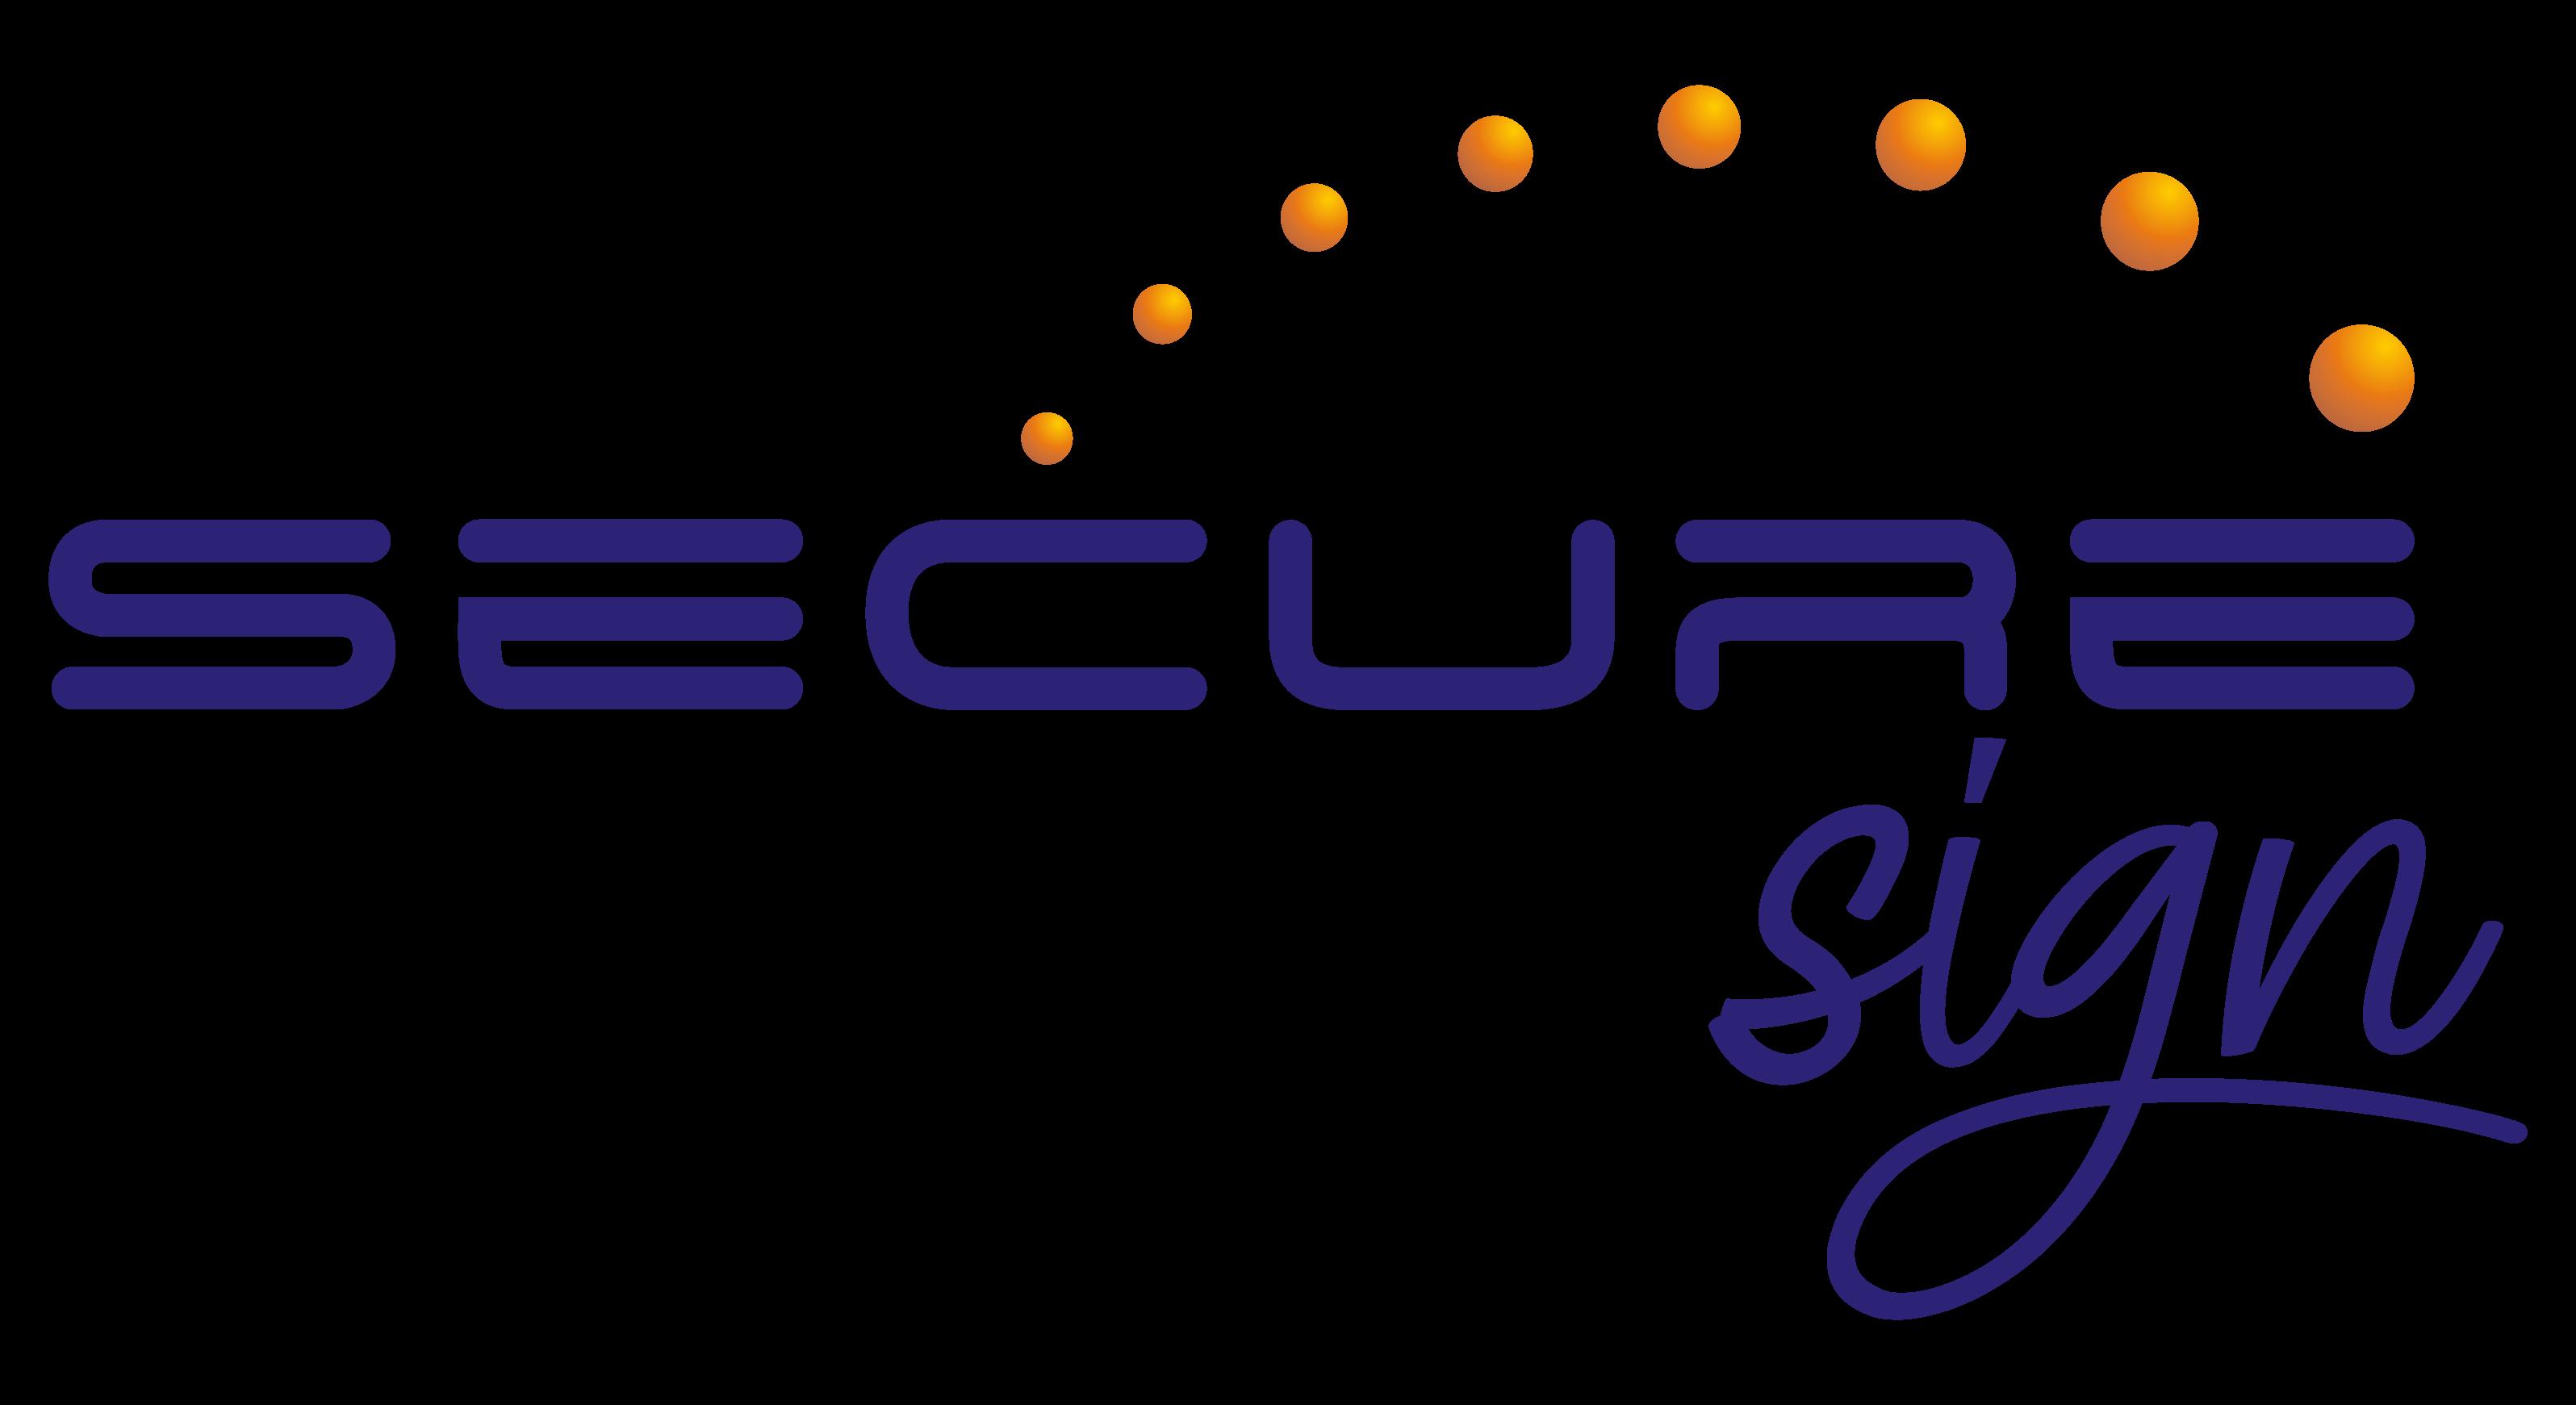 SecureSign_Final-01